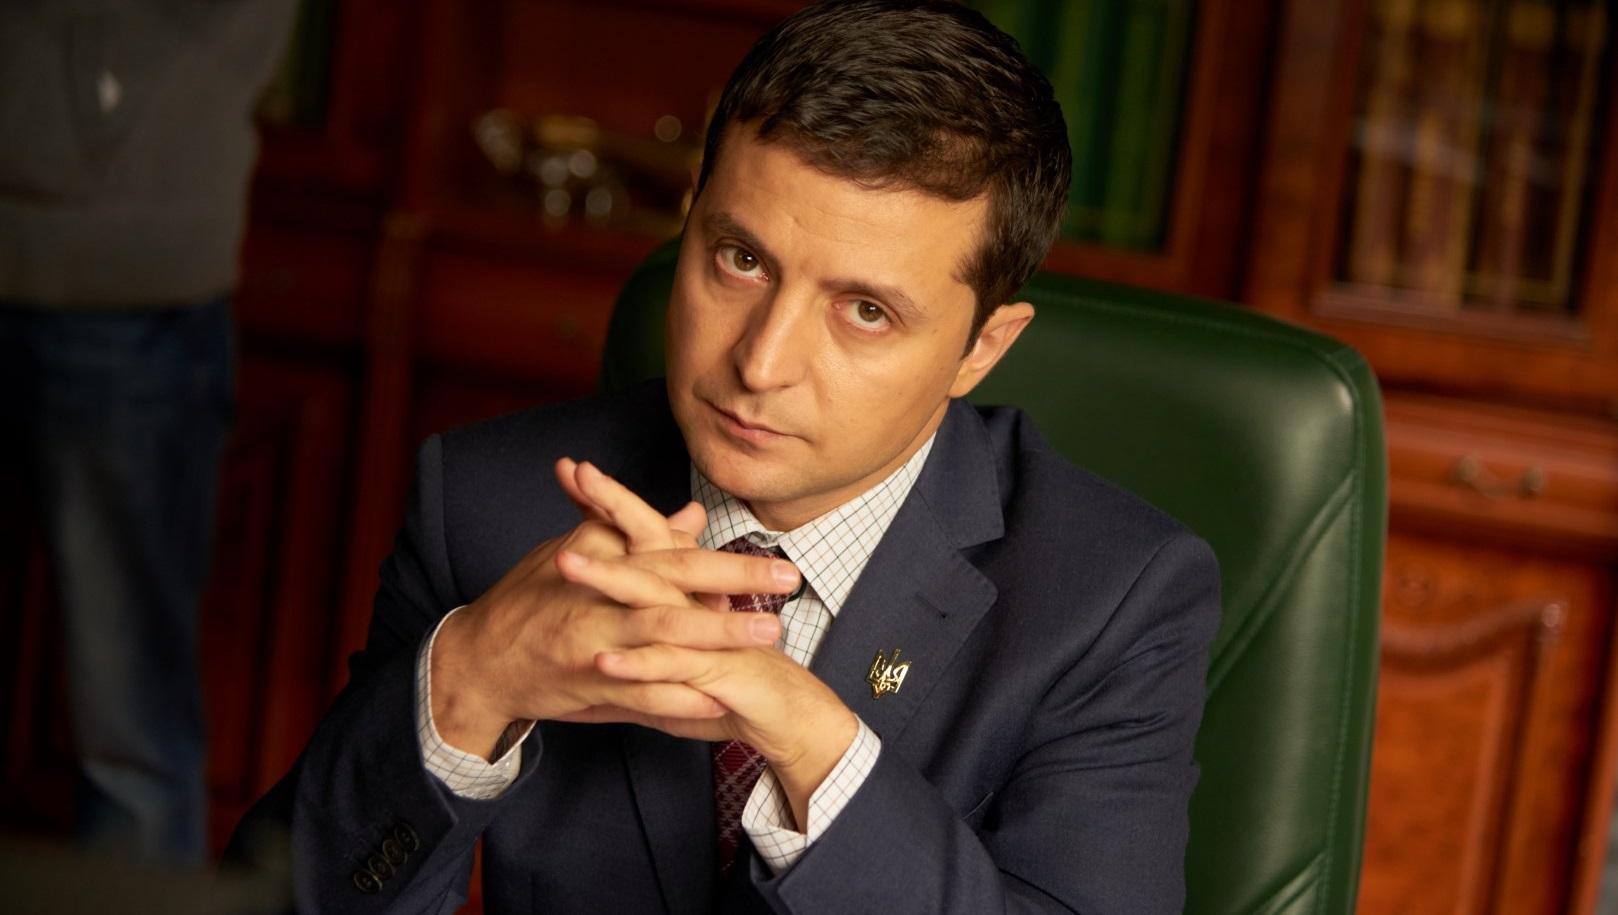 Зеленский пообещал пересмотреть закон об исключительности украинского языка